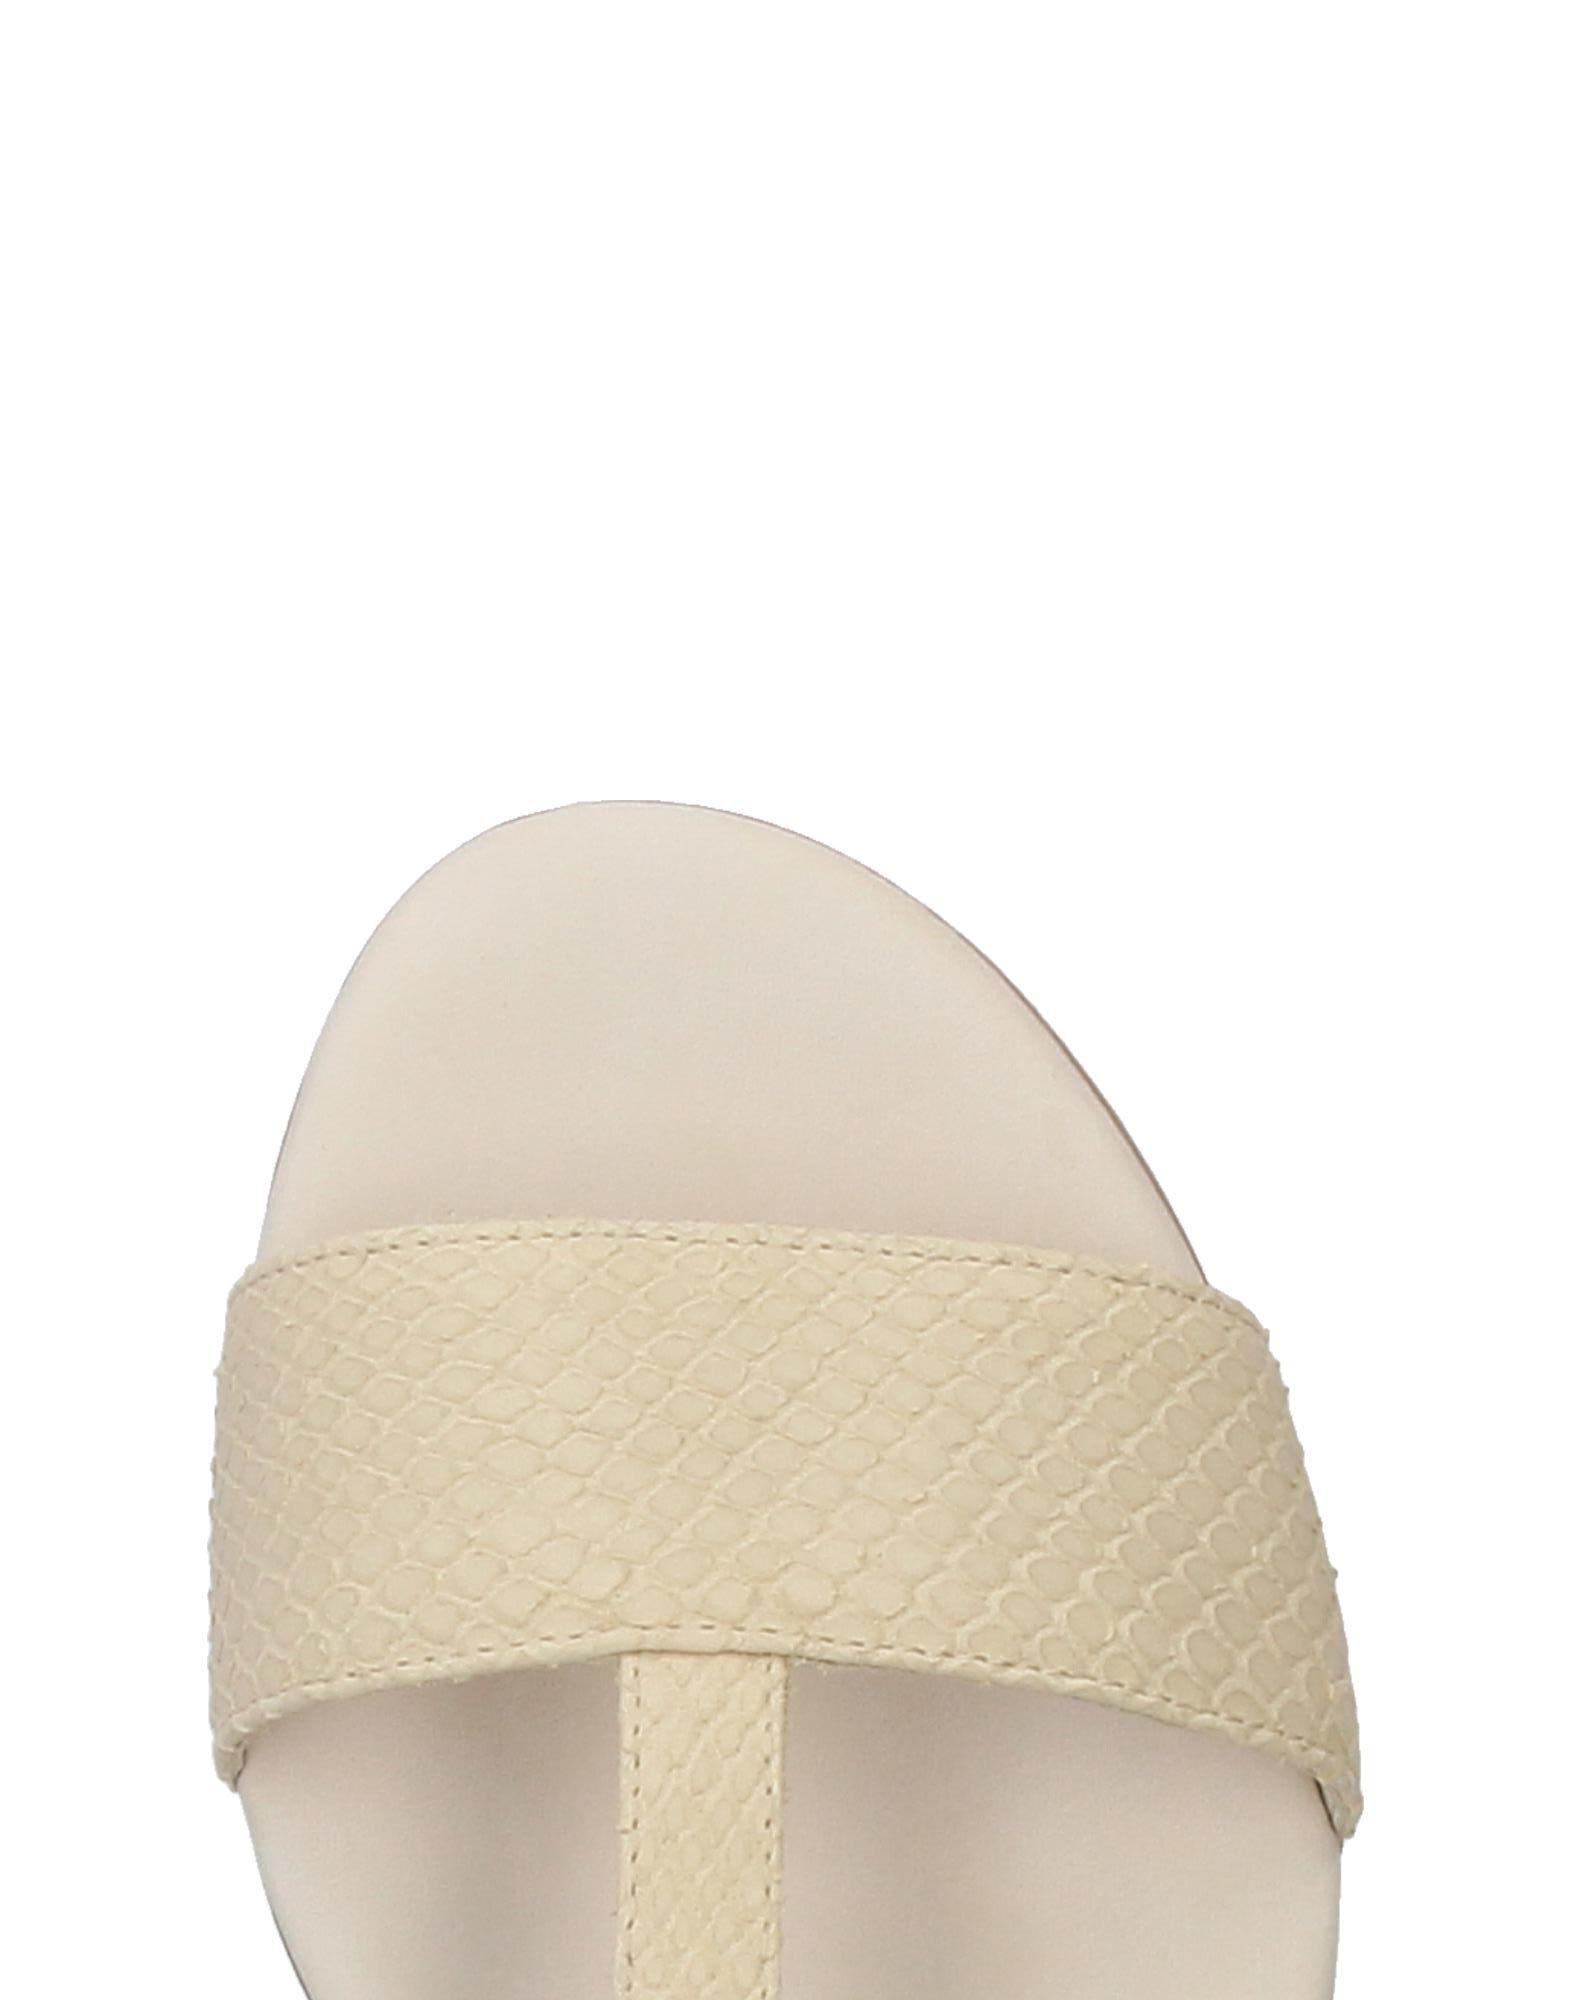 Hogan Sandalen Damen Schuhe  11372987TIGut aussehende strapazierfähige Schuhe Damen 6de8cc